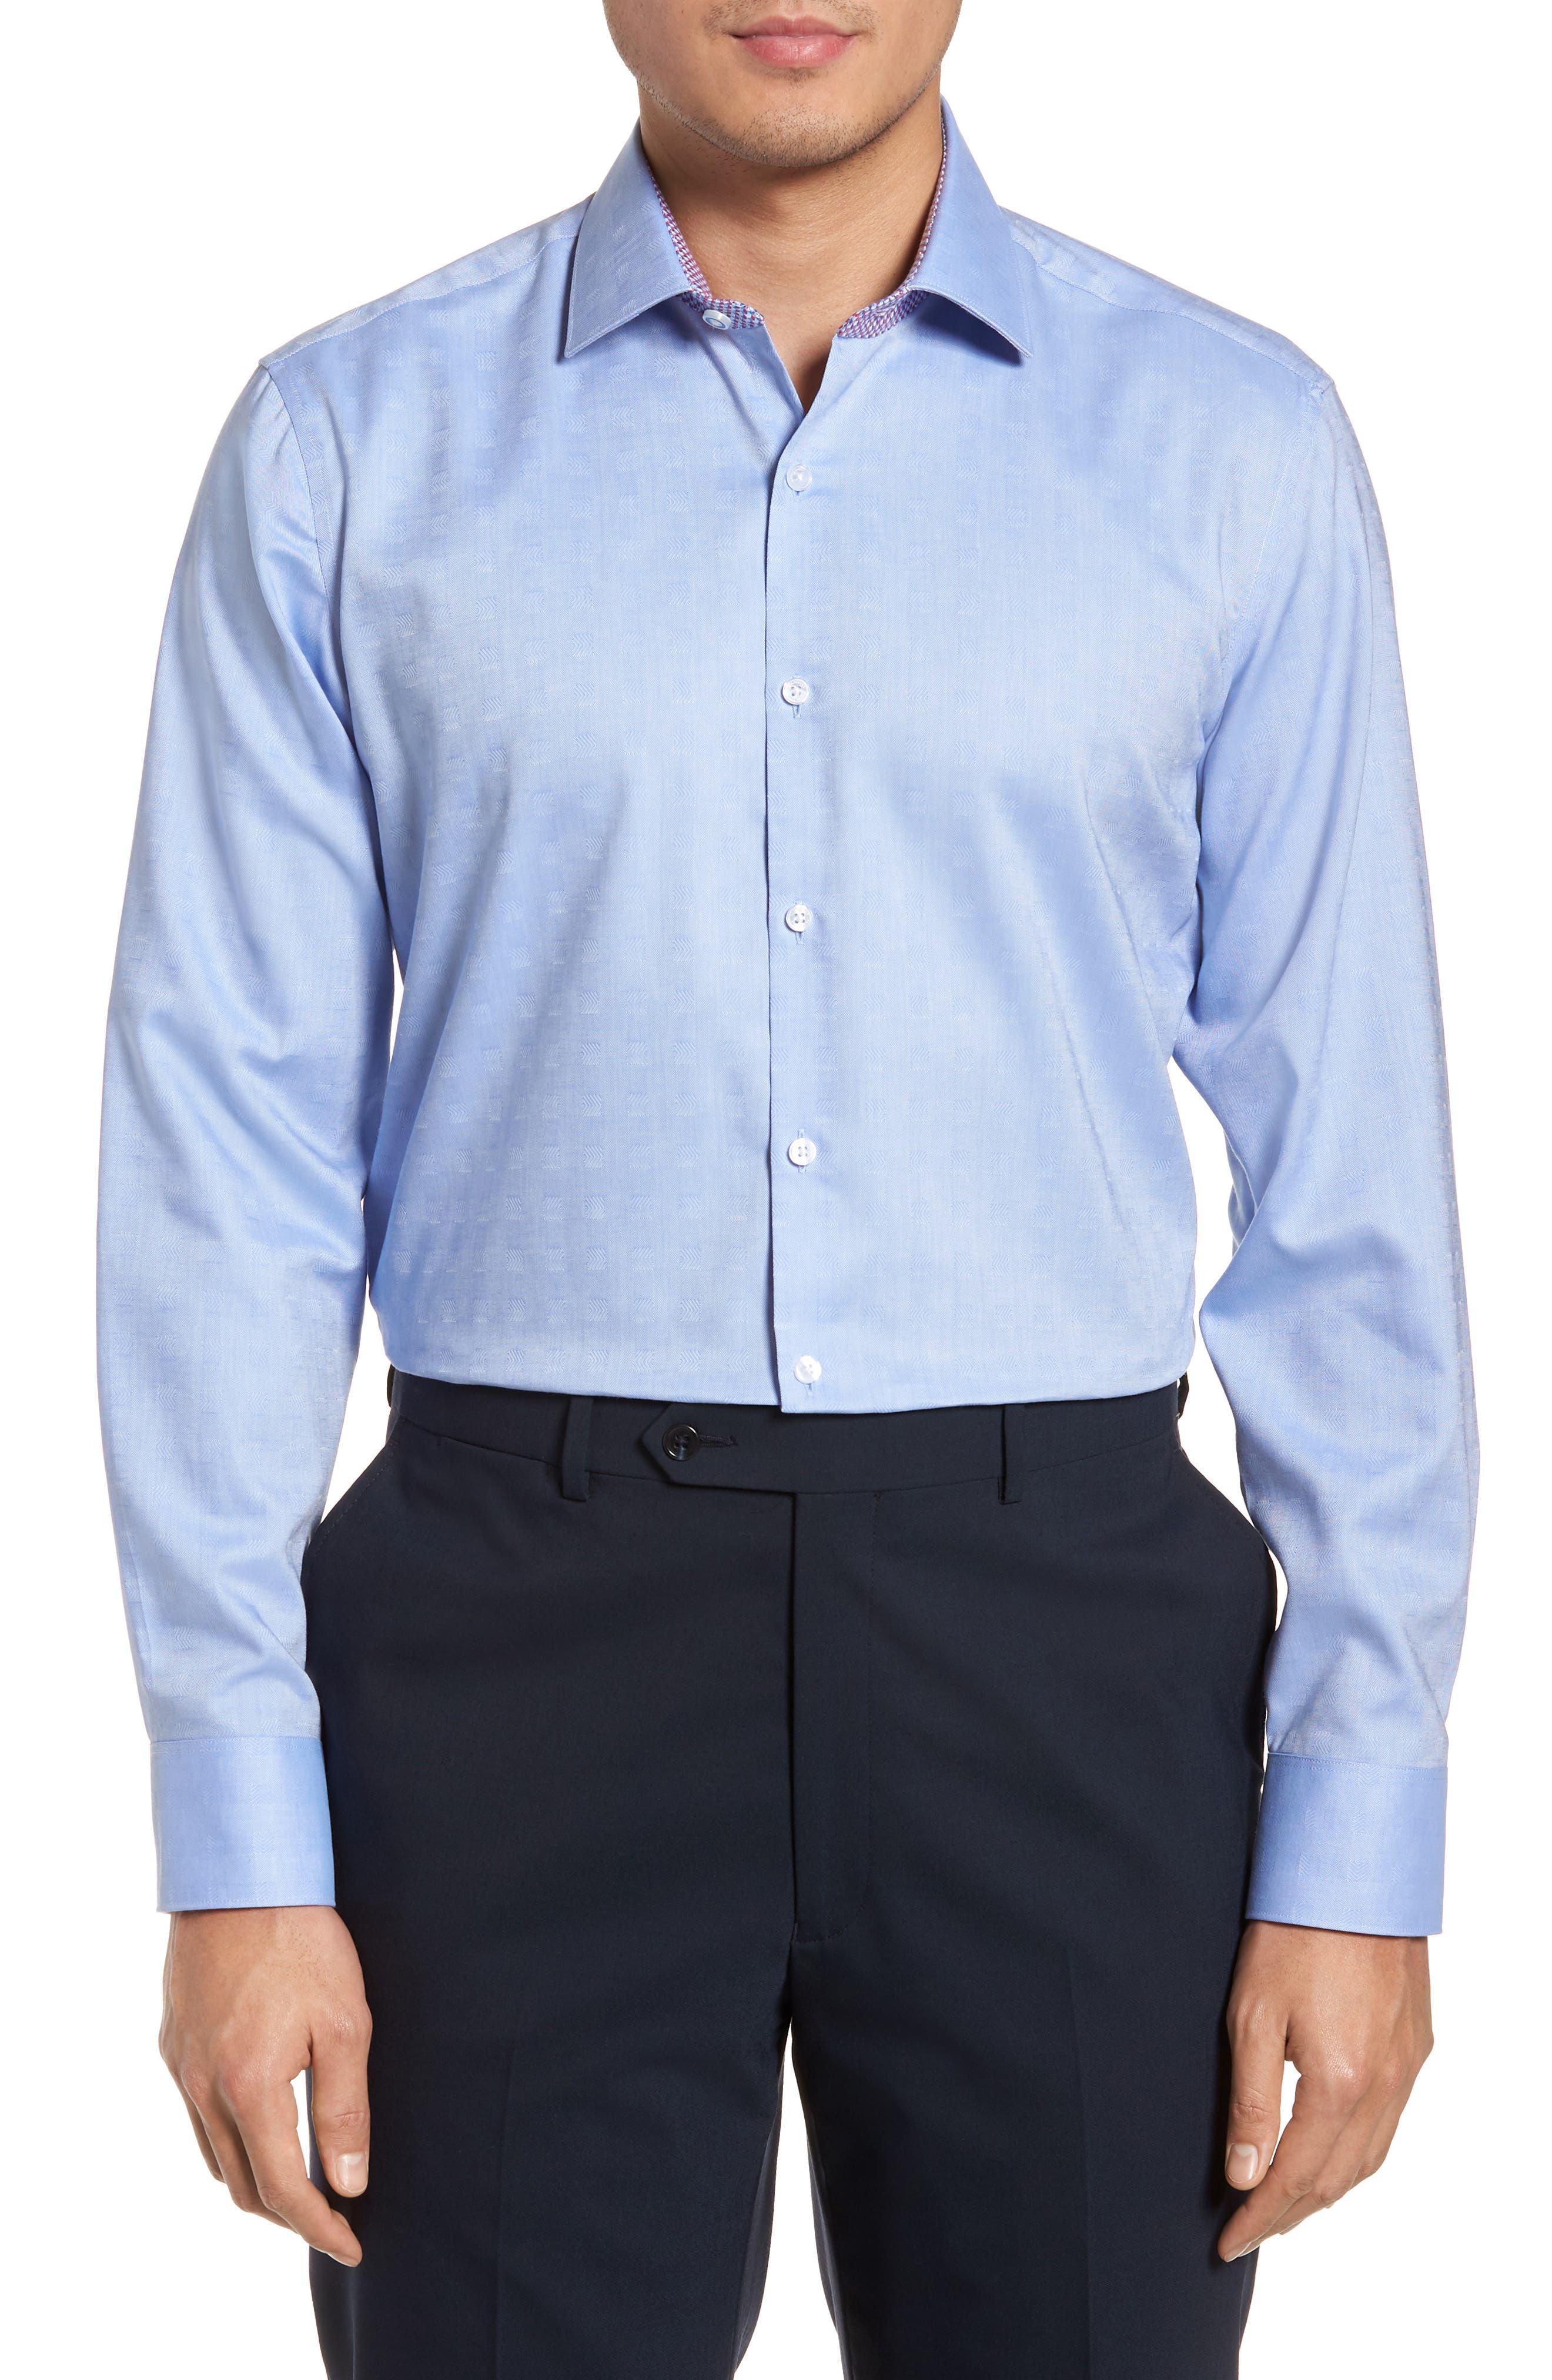 Ashur Trim Fit Solid Dress Shirt,                         Main,                         color, BLUE